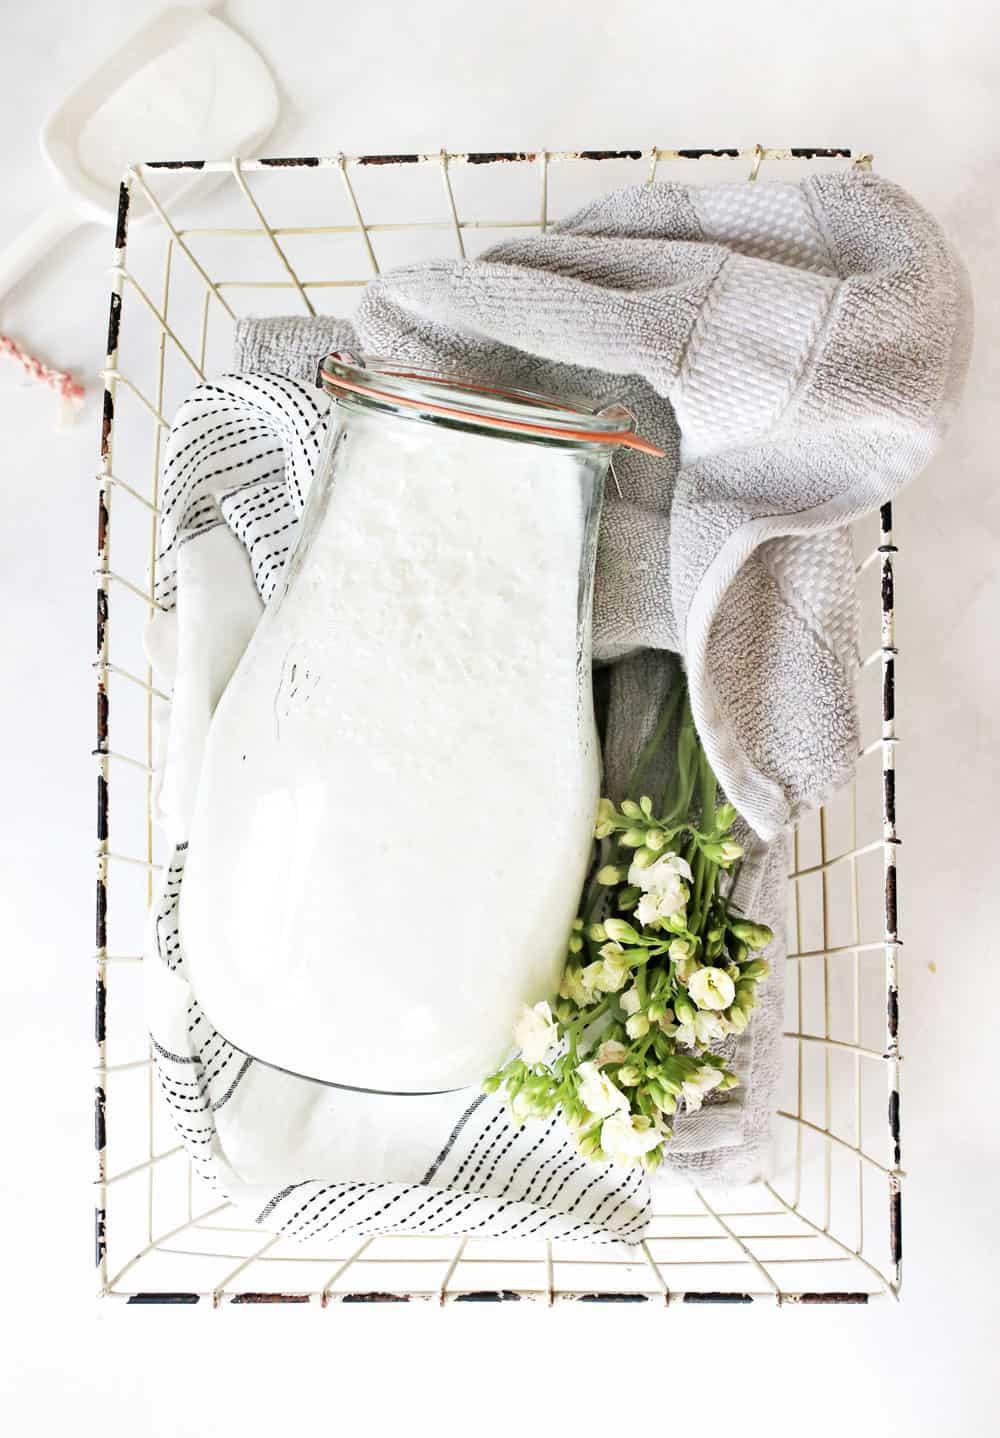 Liquid-Laundry-Detergent-2.jpg